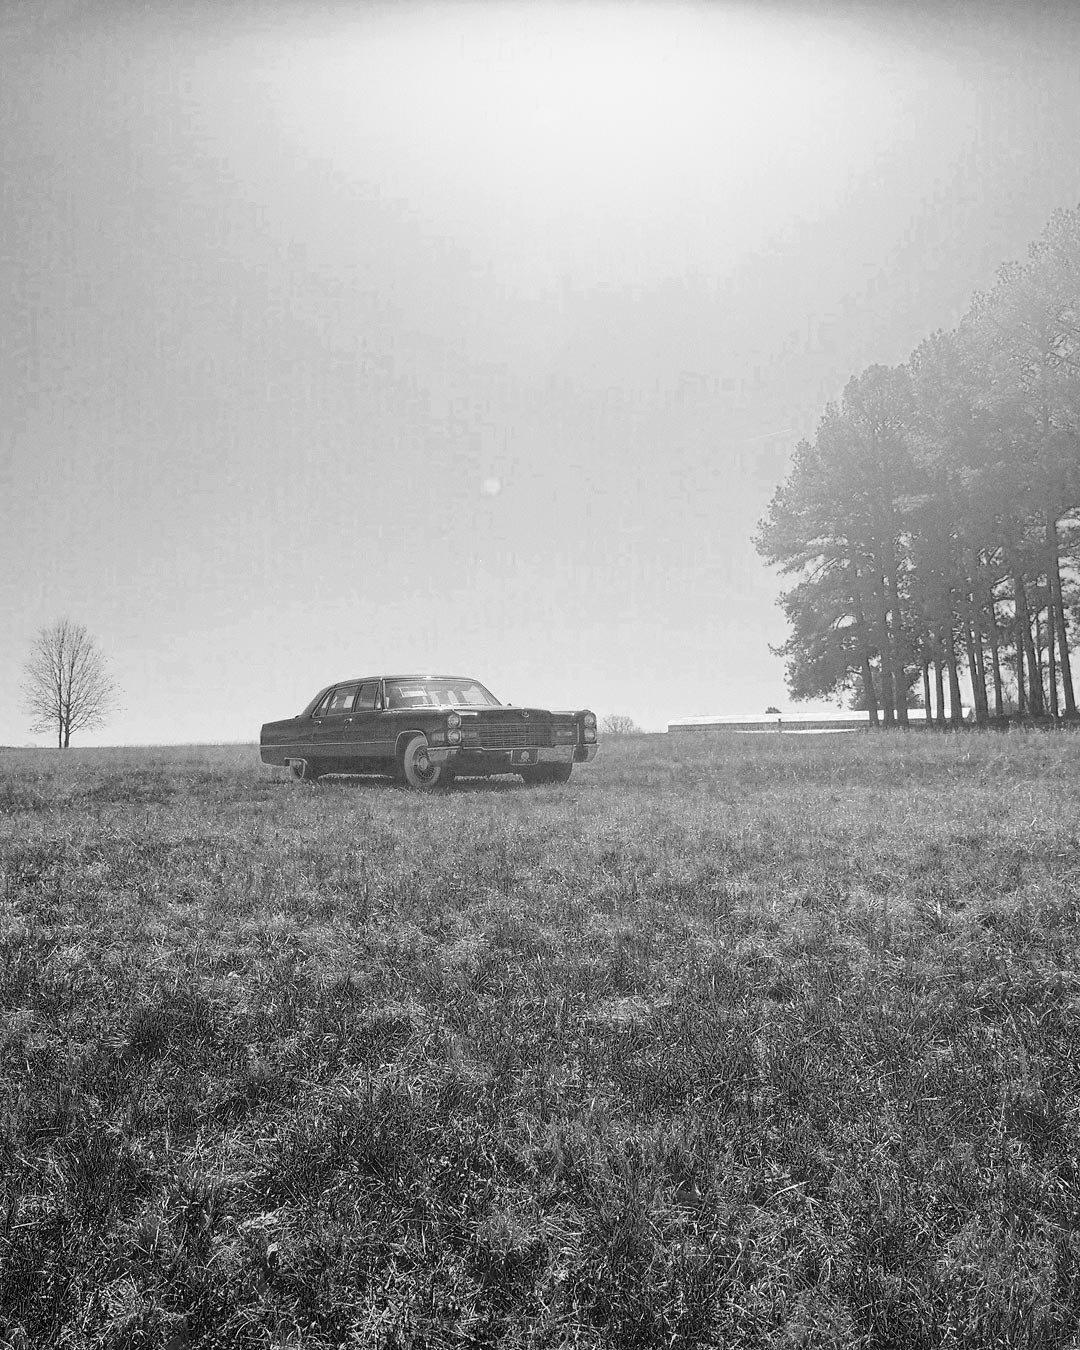 Car in farm field